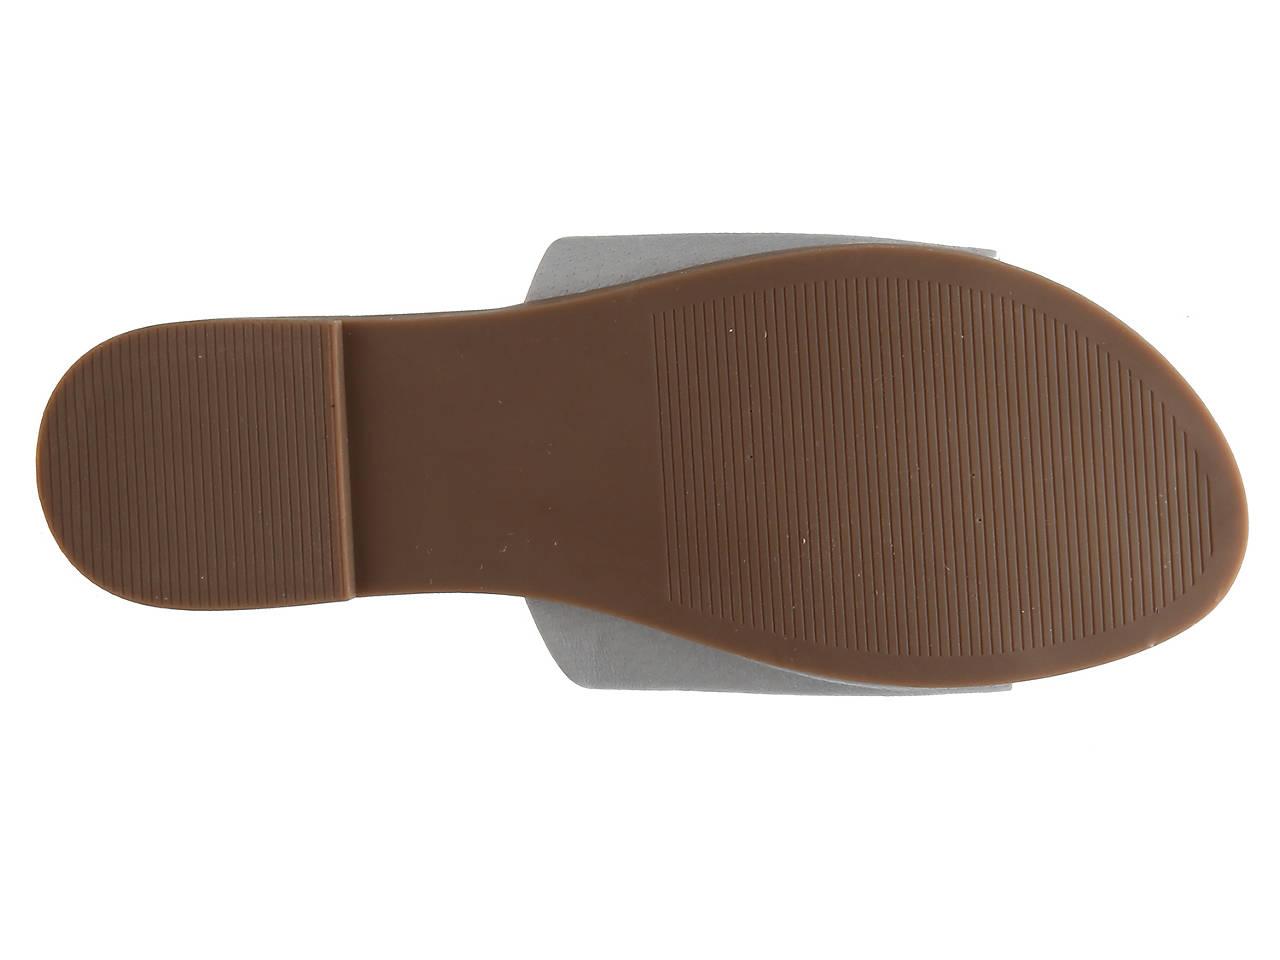 03888de1e81 Steve Madden Karolyn Flat Sandal Men s Shoes